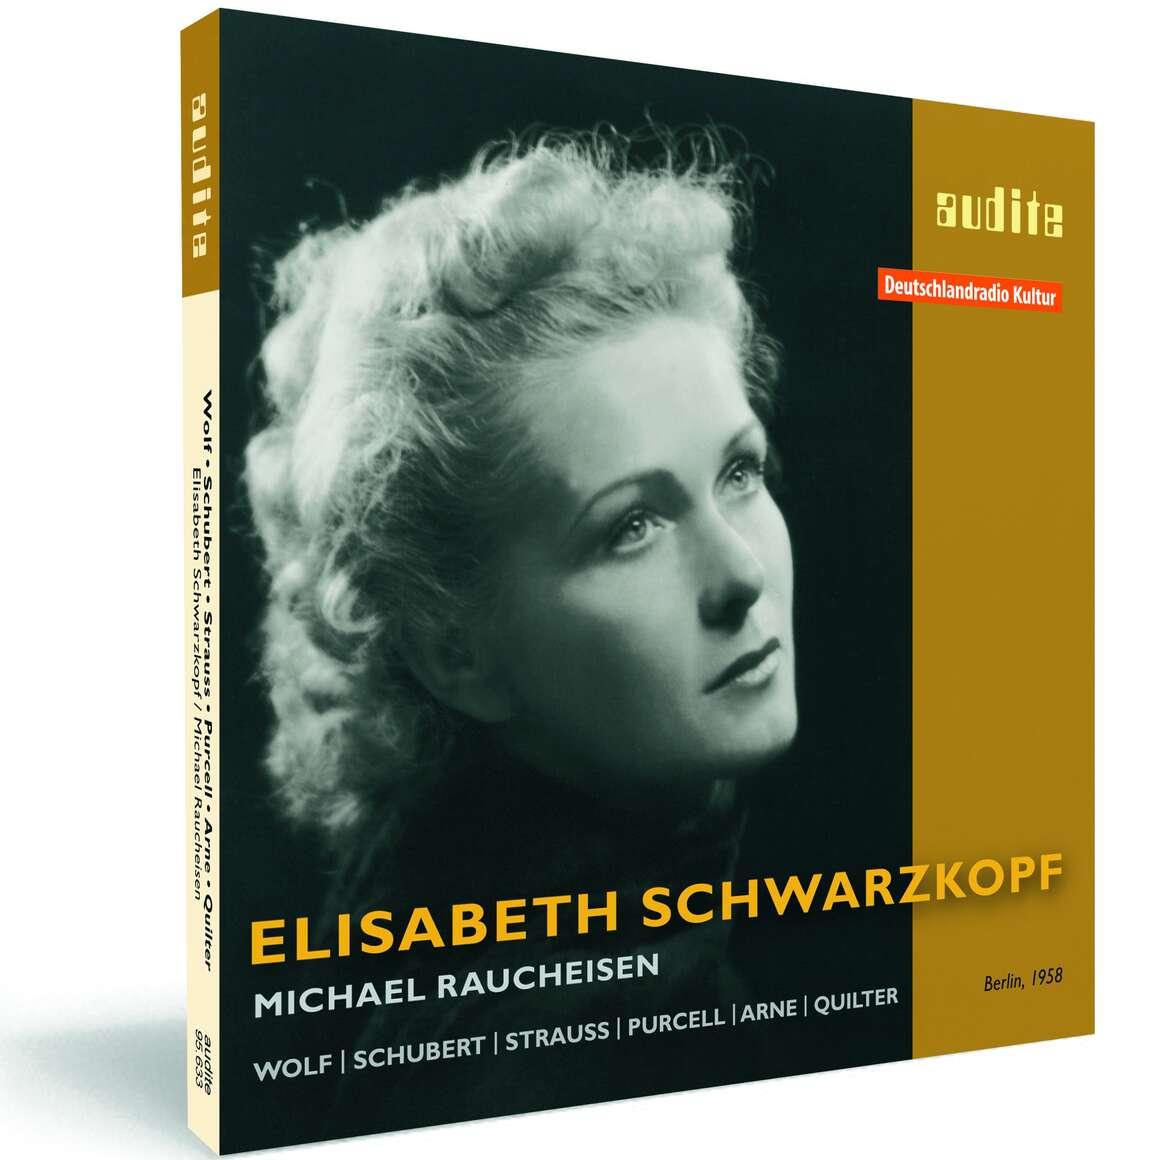 Elisabeth Schwarzkopf interprets songs by Wolf, Schubert, Strauss, Purcell, Arne & Quilter